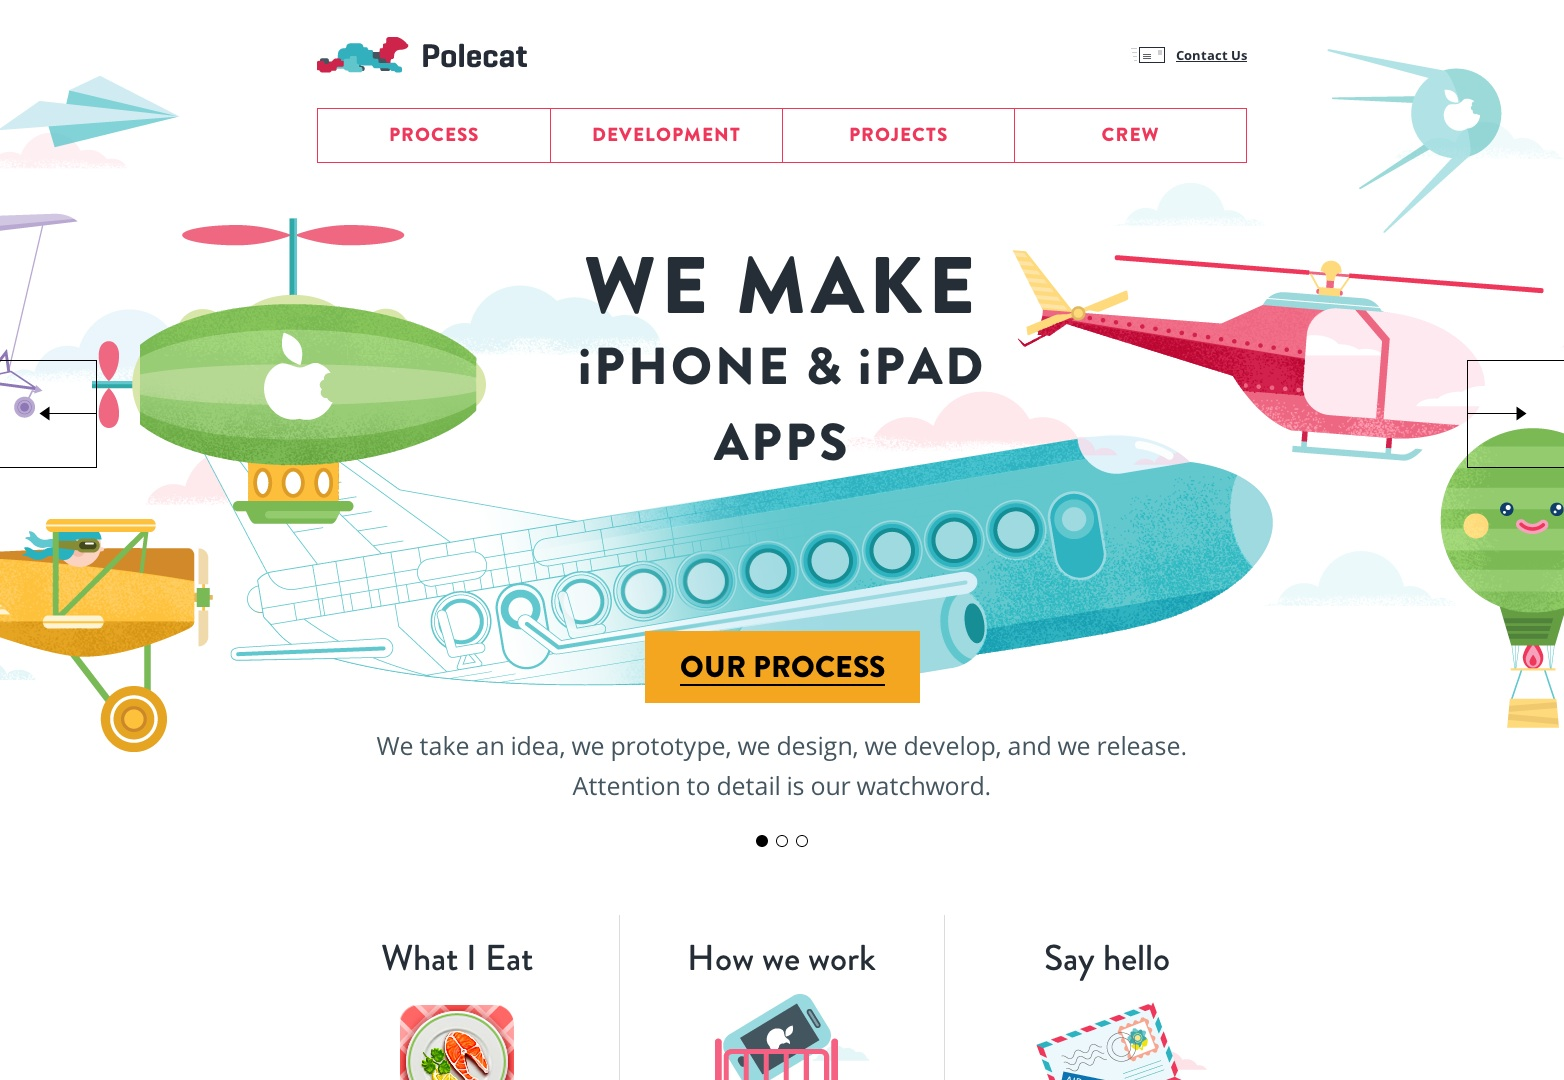 Ontwikkeling van aangepaste iPhone- en iPad-apps | Polecat-agentschap